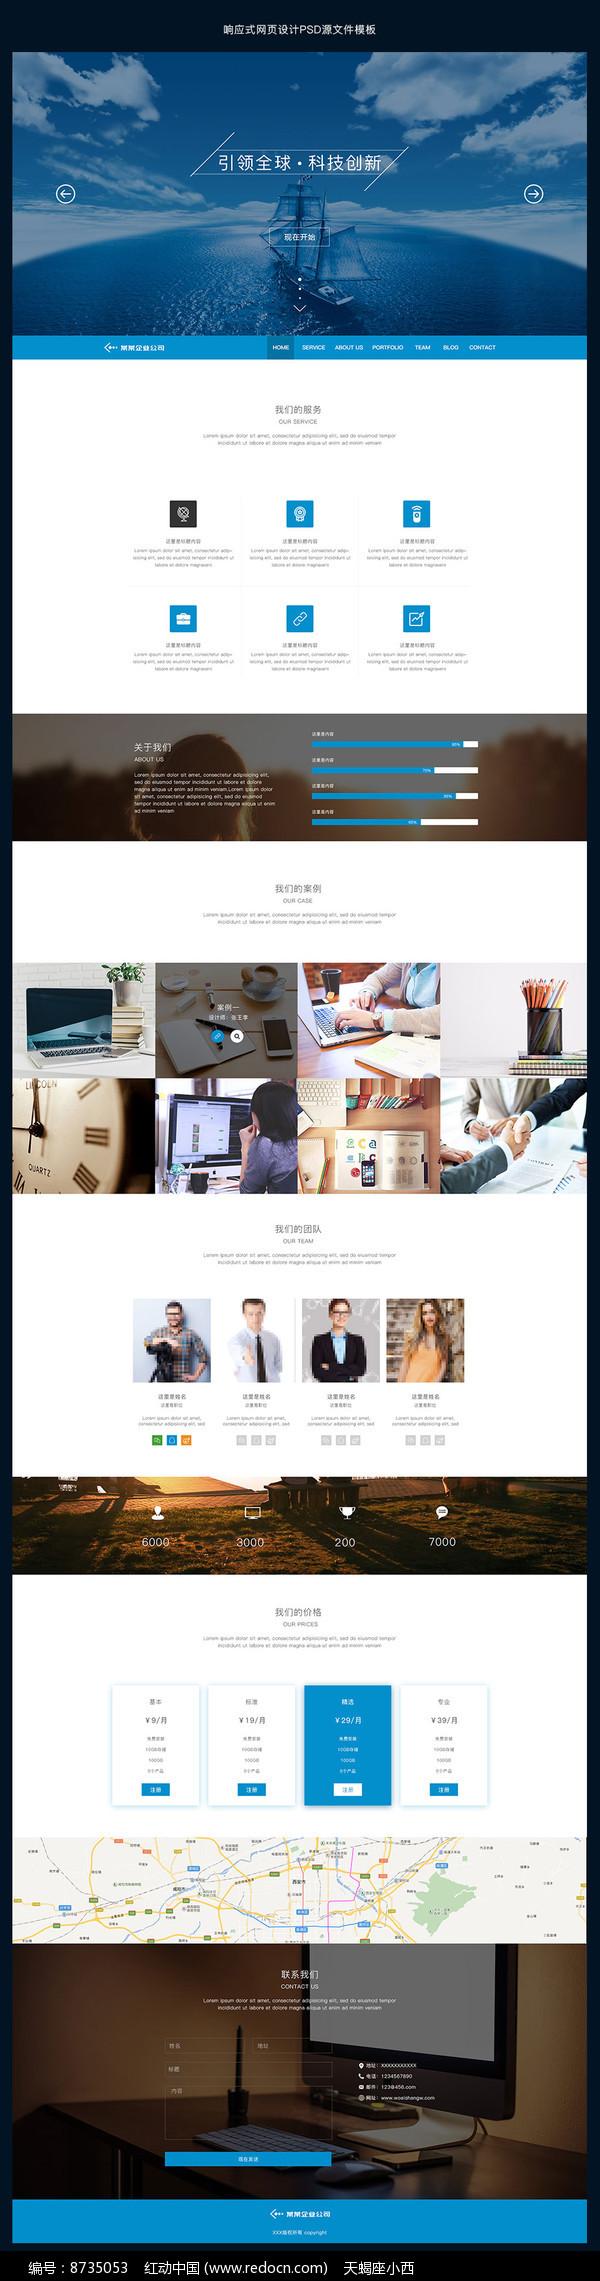 蓝色扁平企业网页首页设计图片